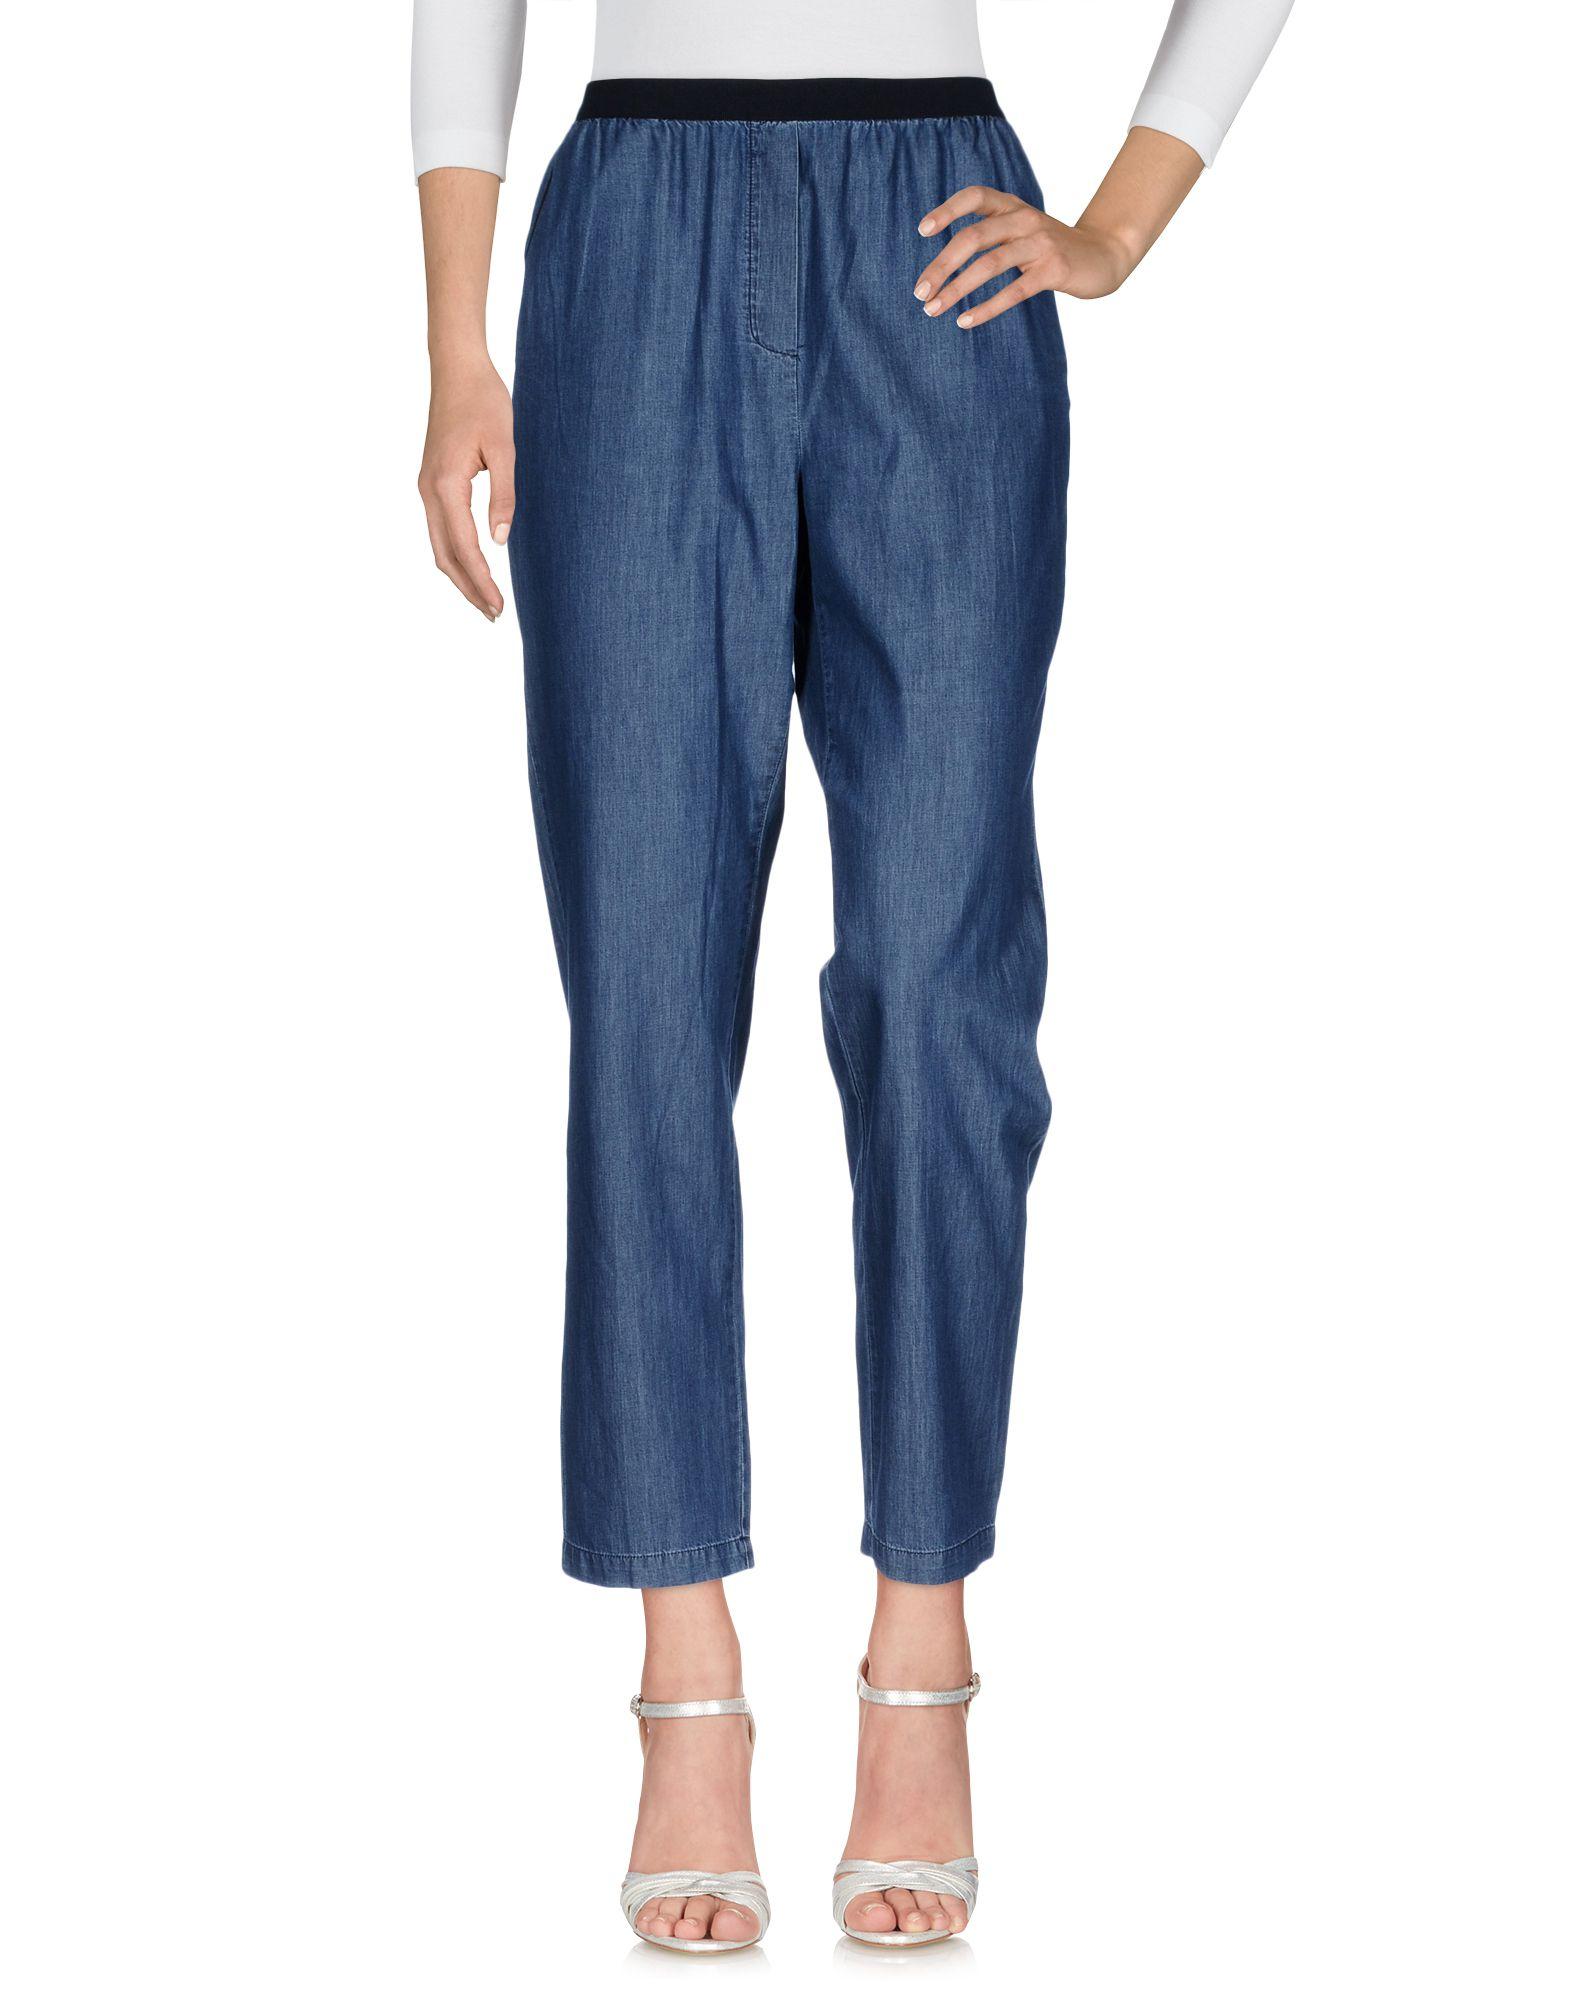 Pantaloni Jeans Jucca Donna - Acquista online su CmEIA6mEgW